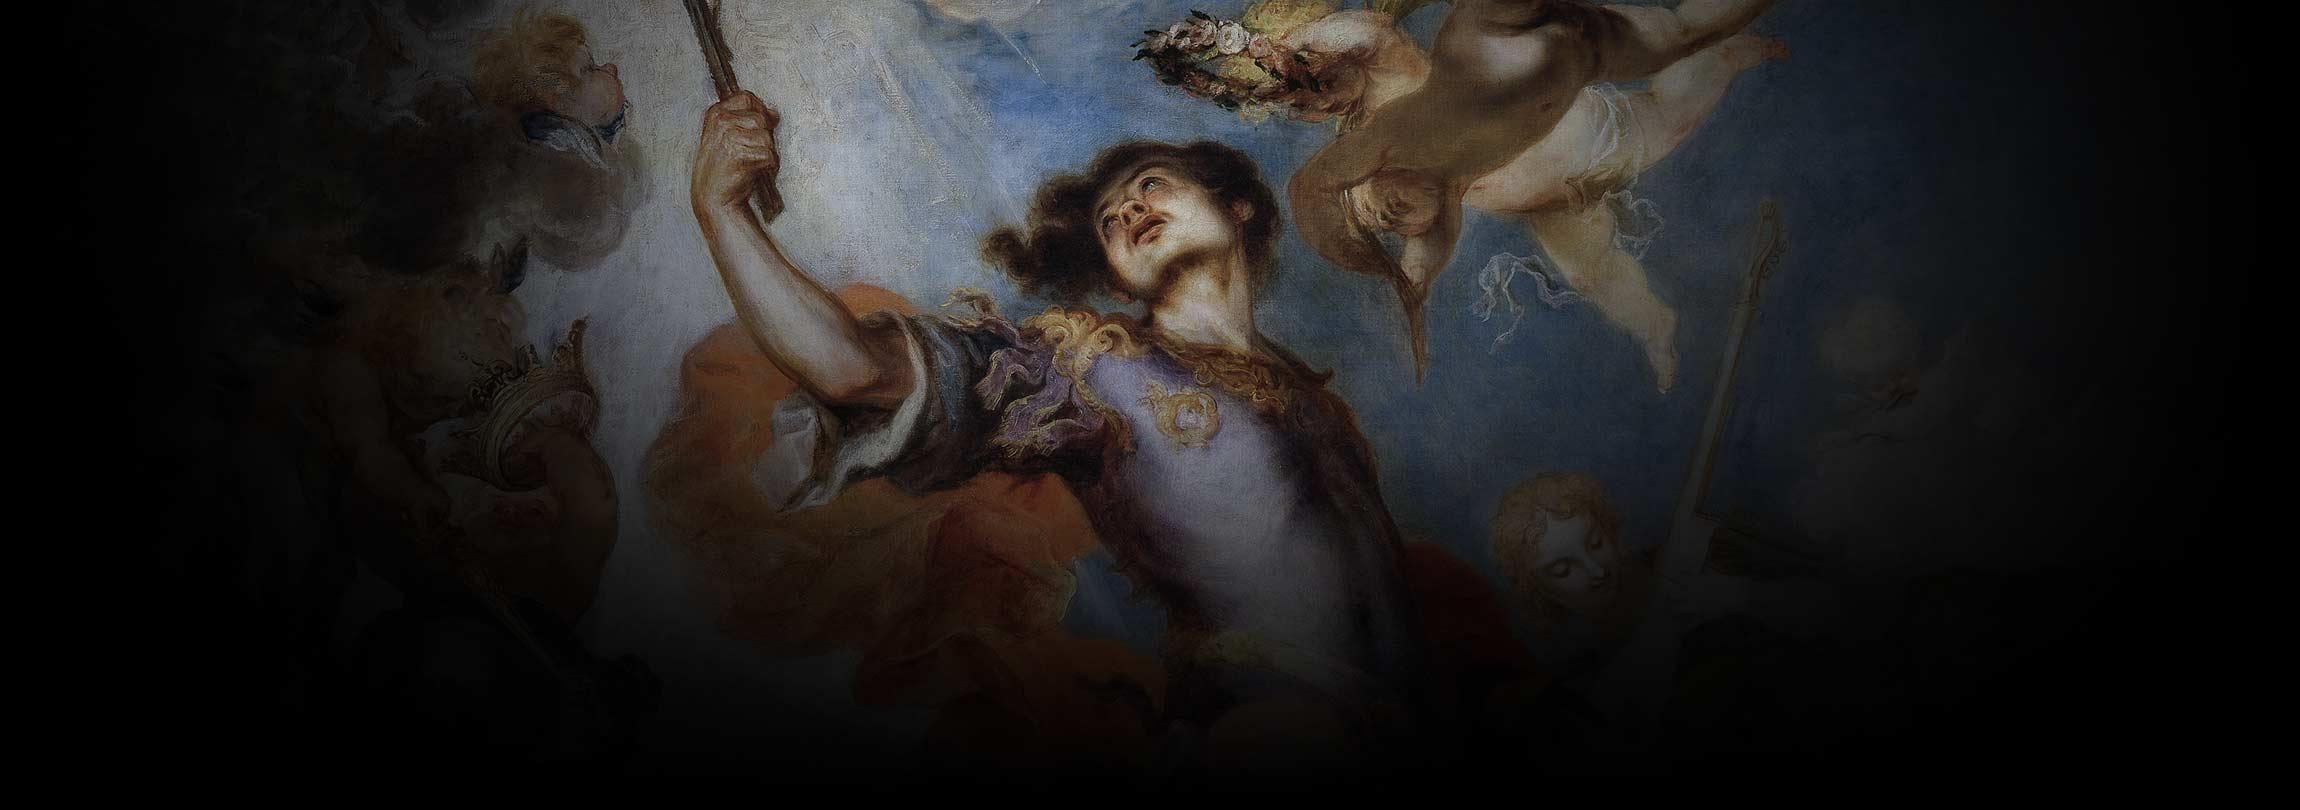 Santo Hermenegildo, um mártir entre os convertidos